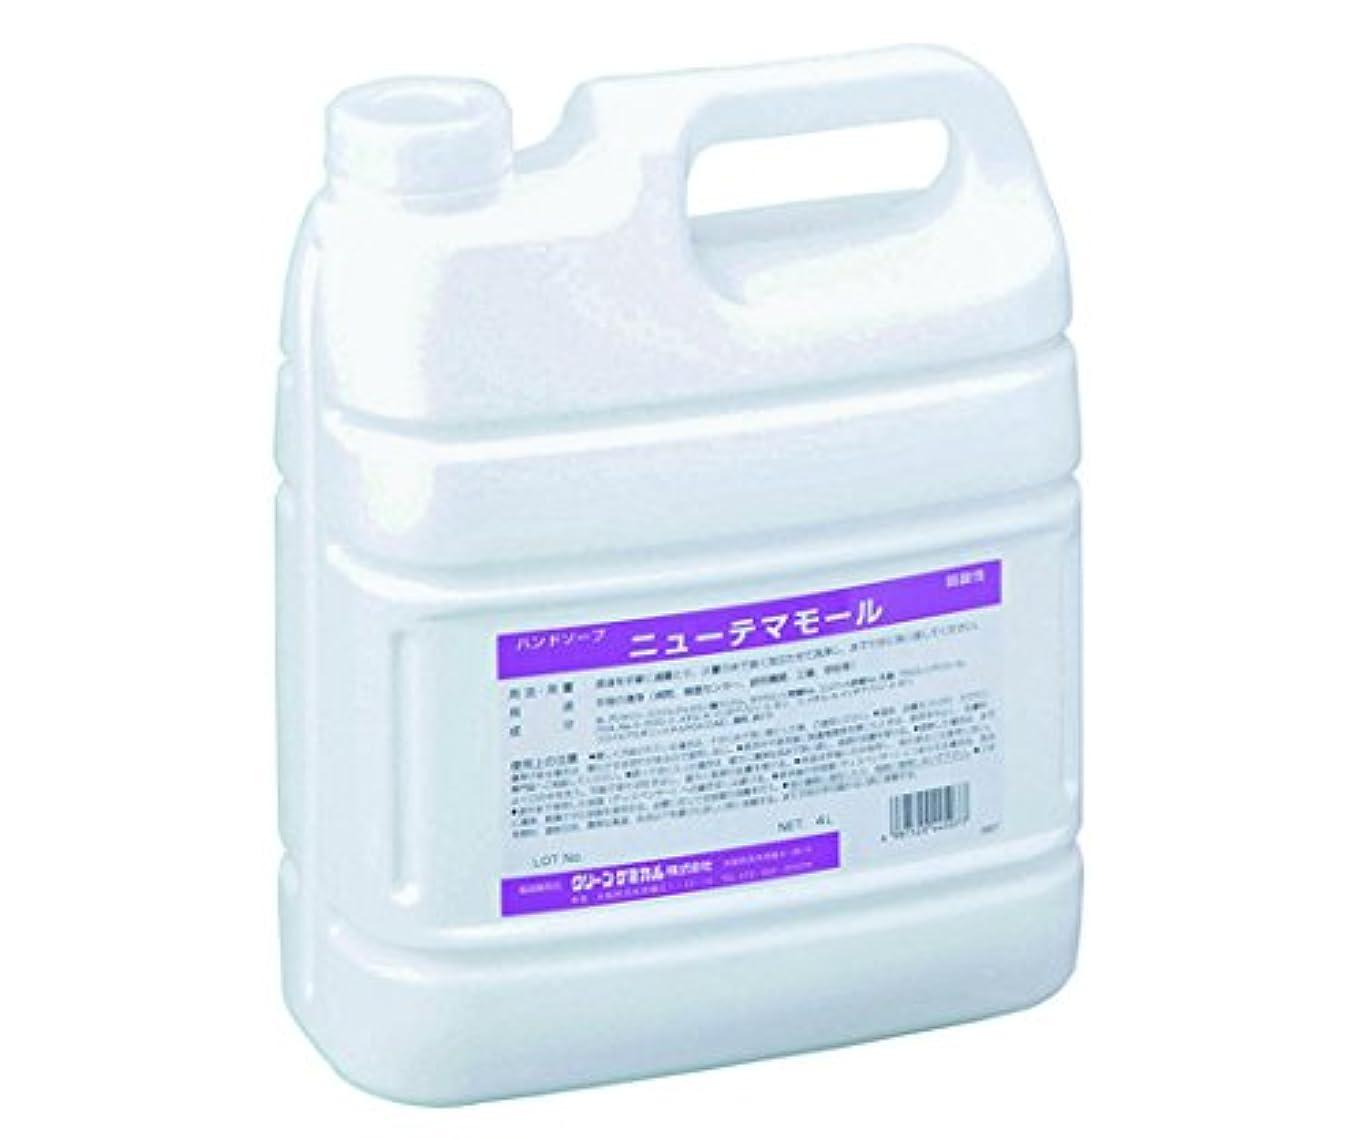 紫の再びあいまいさ8-1944-02ハンドソープ減容容器タイプ4L